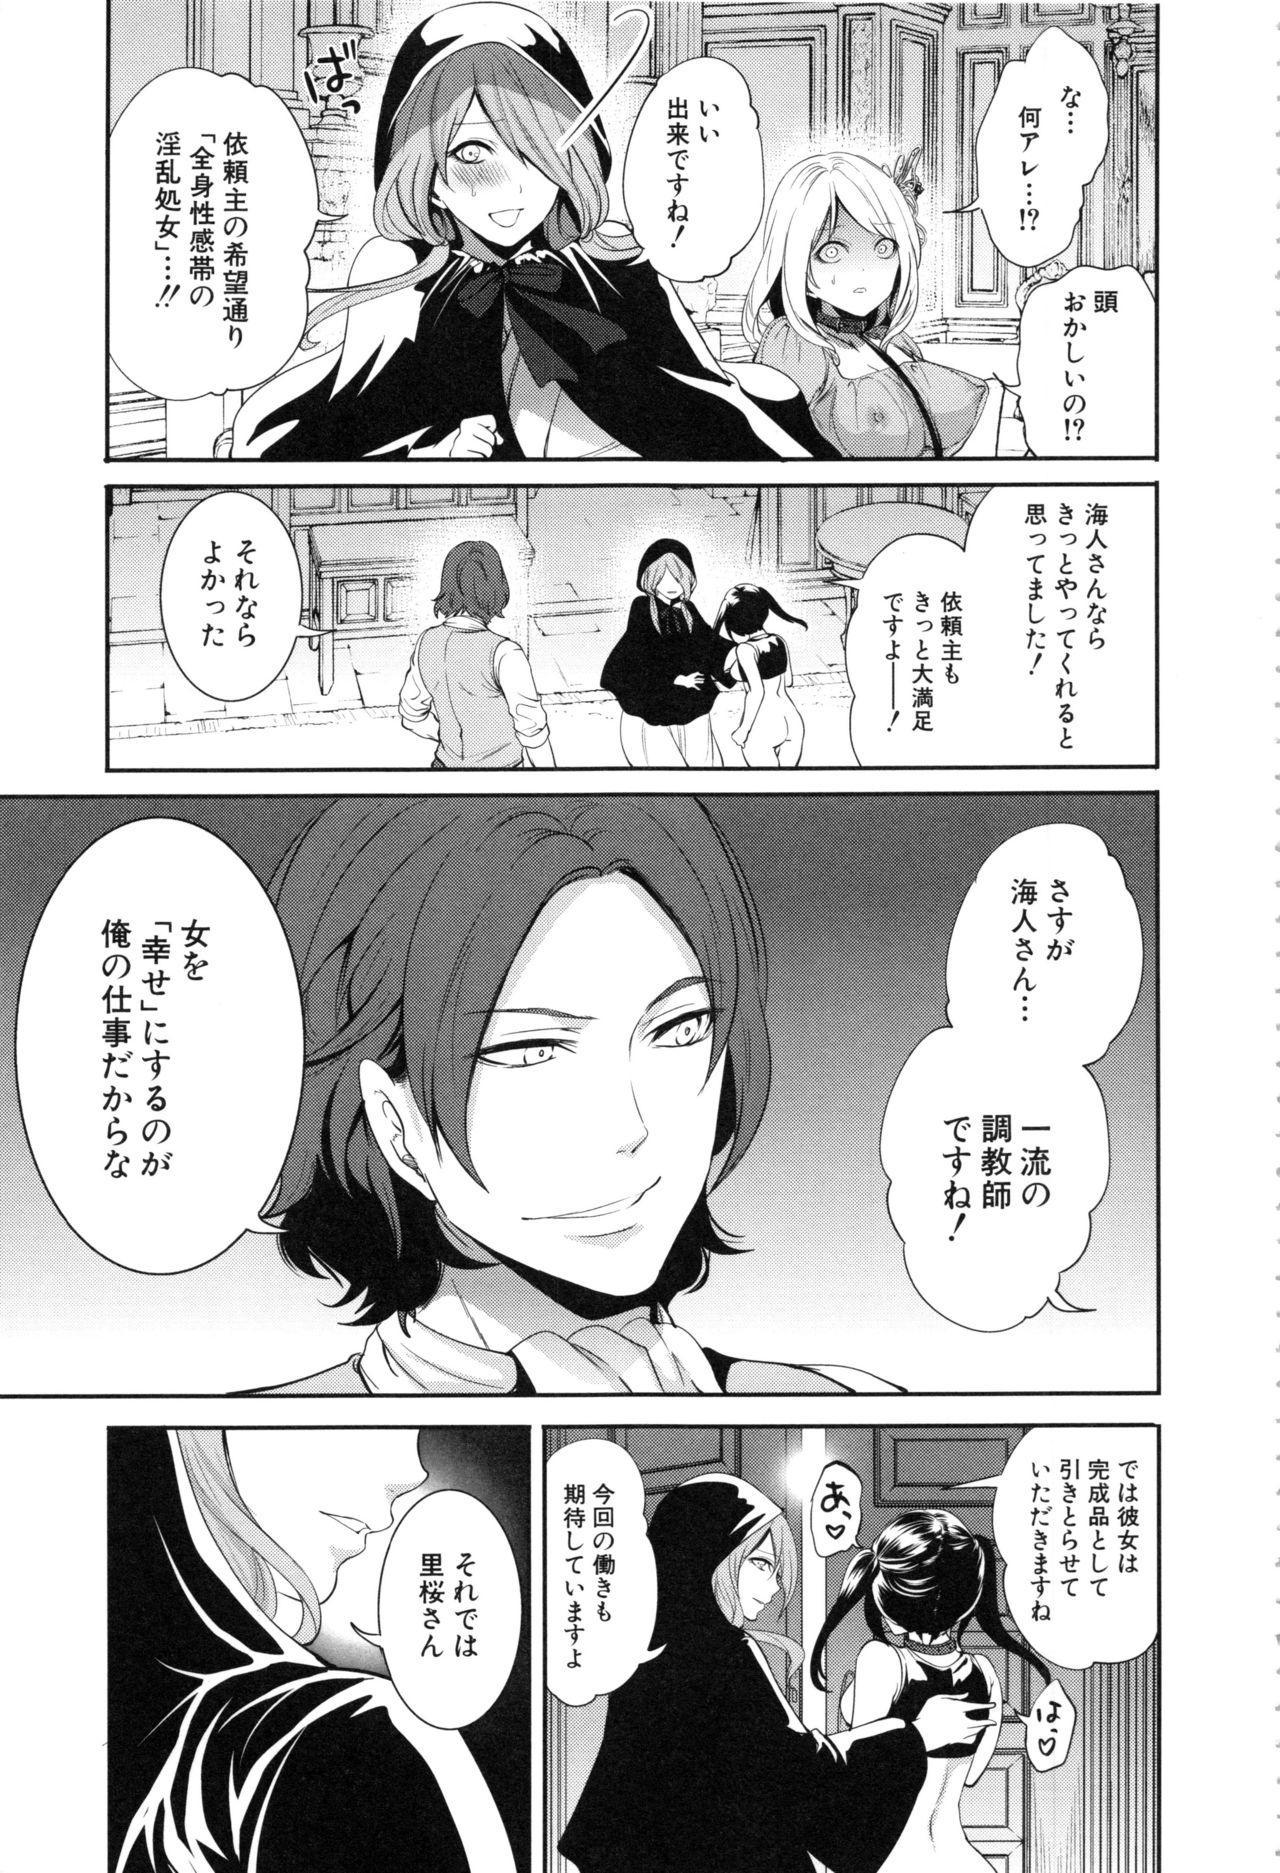 Doll no Yakata 11